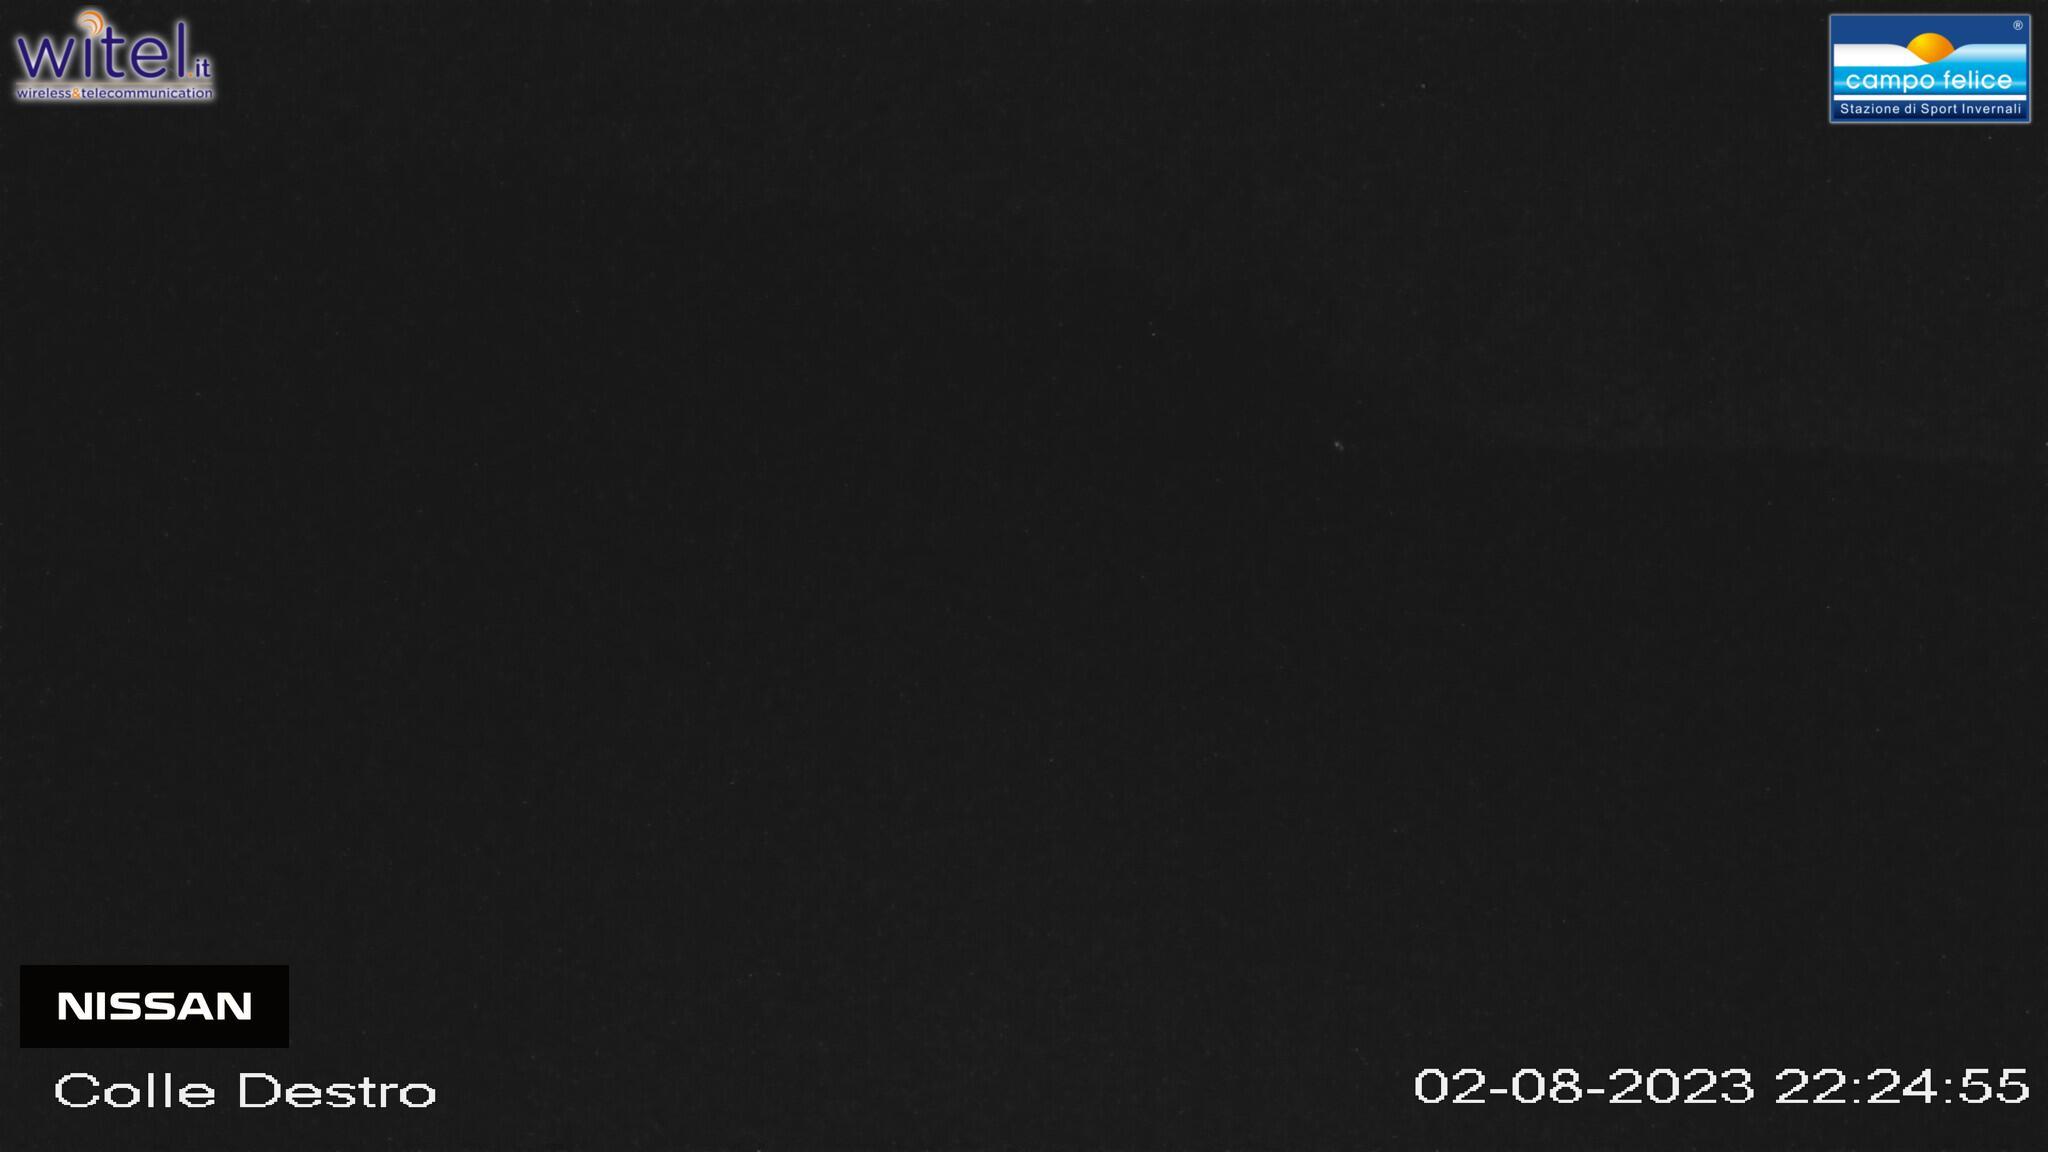 webcam Campo Felice Vallone Innamorati - Posizione: vista su partenza Seggiovia Colle Destro, Rifugio Innamorati, Tappeto Innamorati - Altitudine: 1715 m.s.l.m., Abruzzo Italy